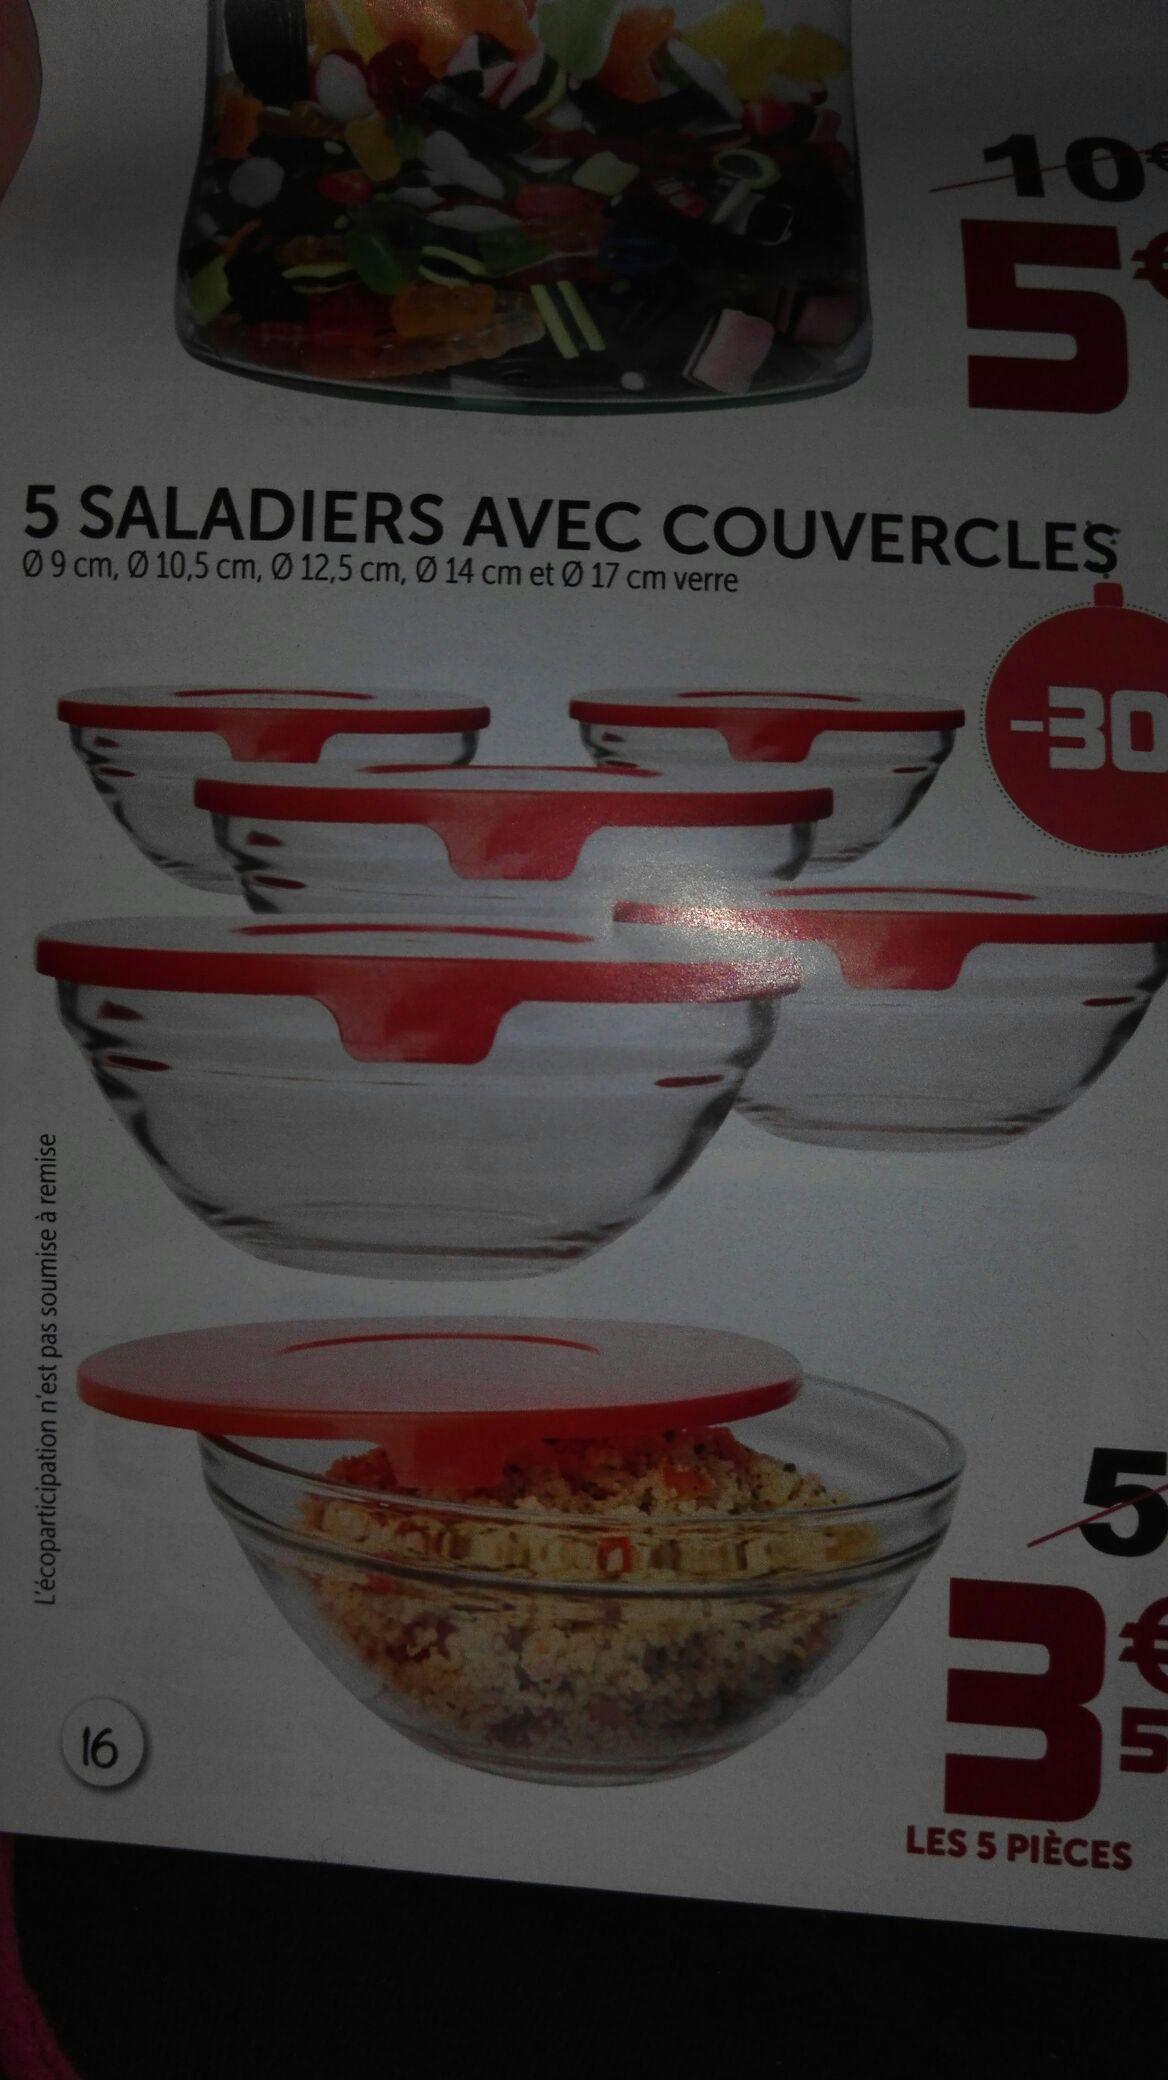 5 Saladiers en verre avec couvercles